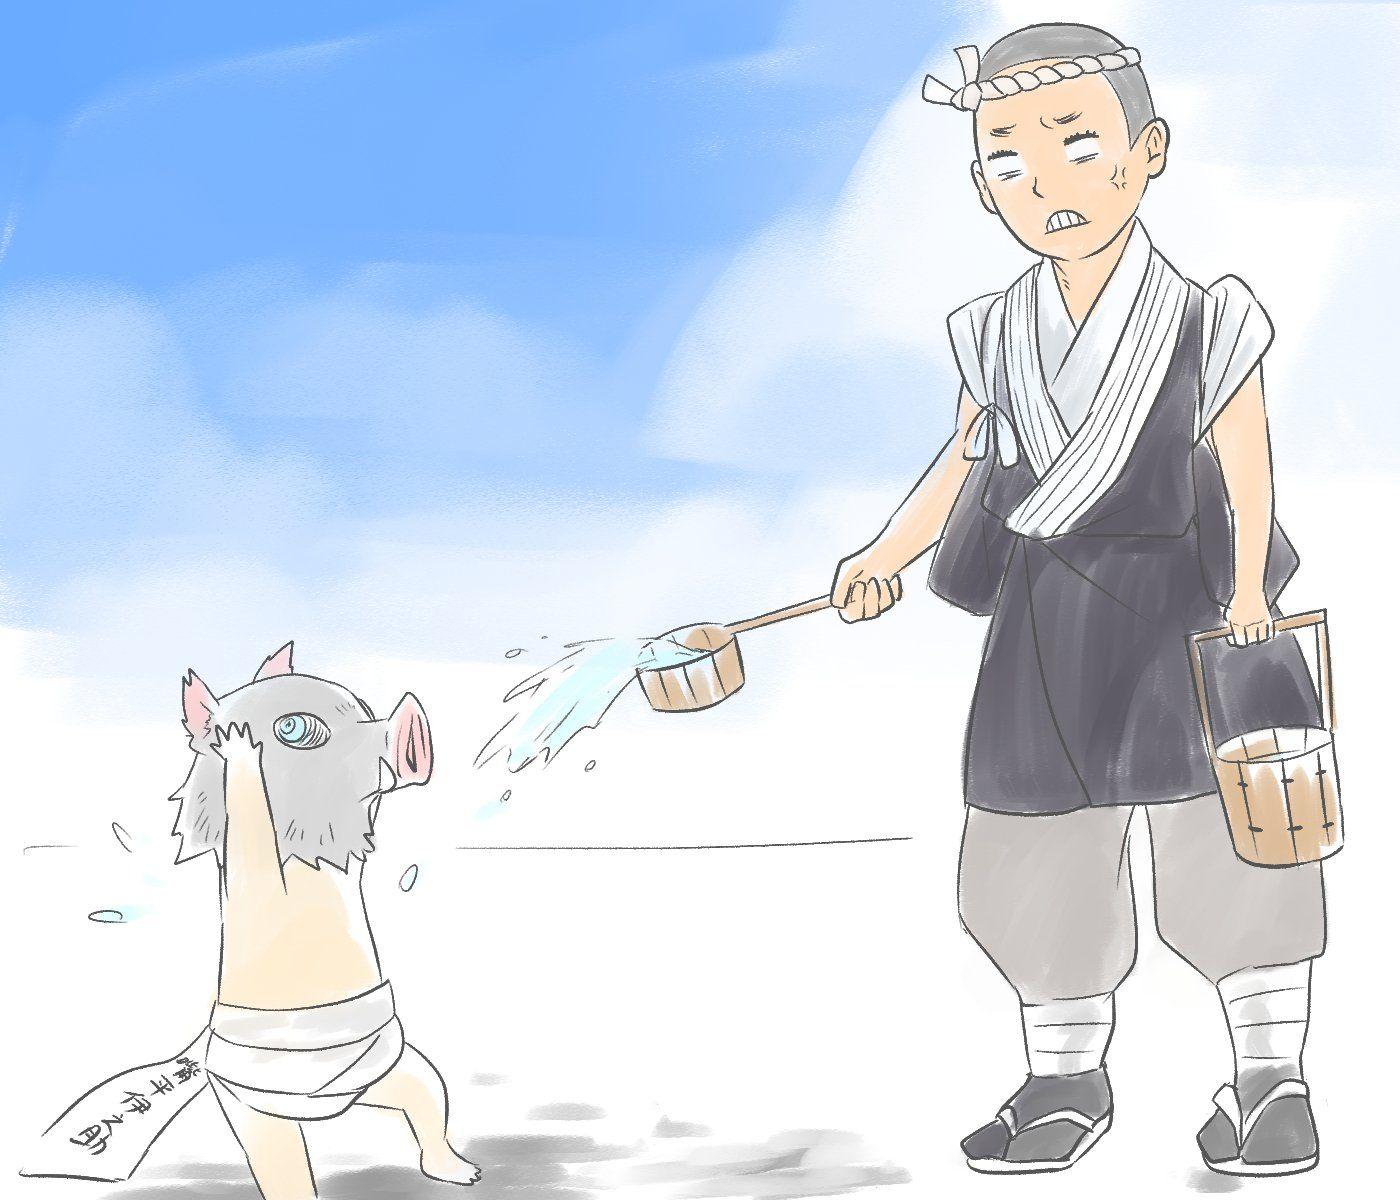 Twitter カワイイアニメ, アニメイラスト, アニメ